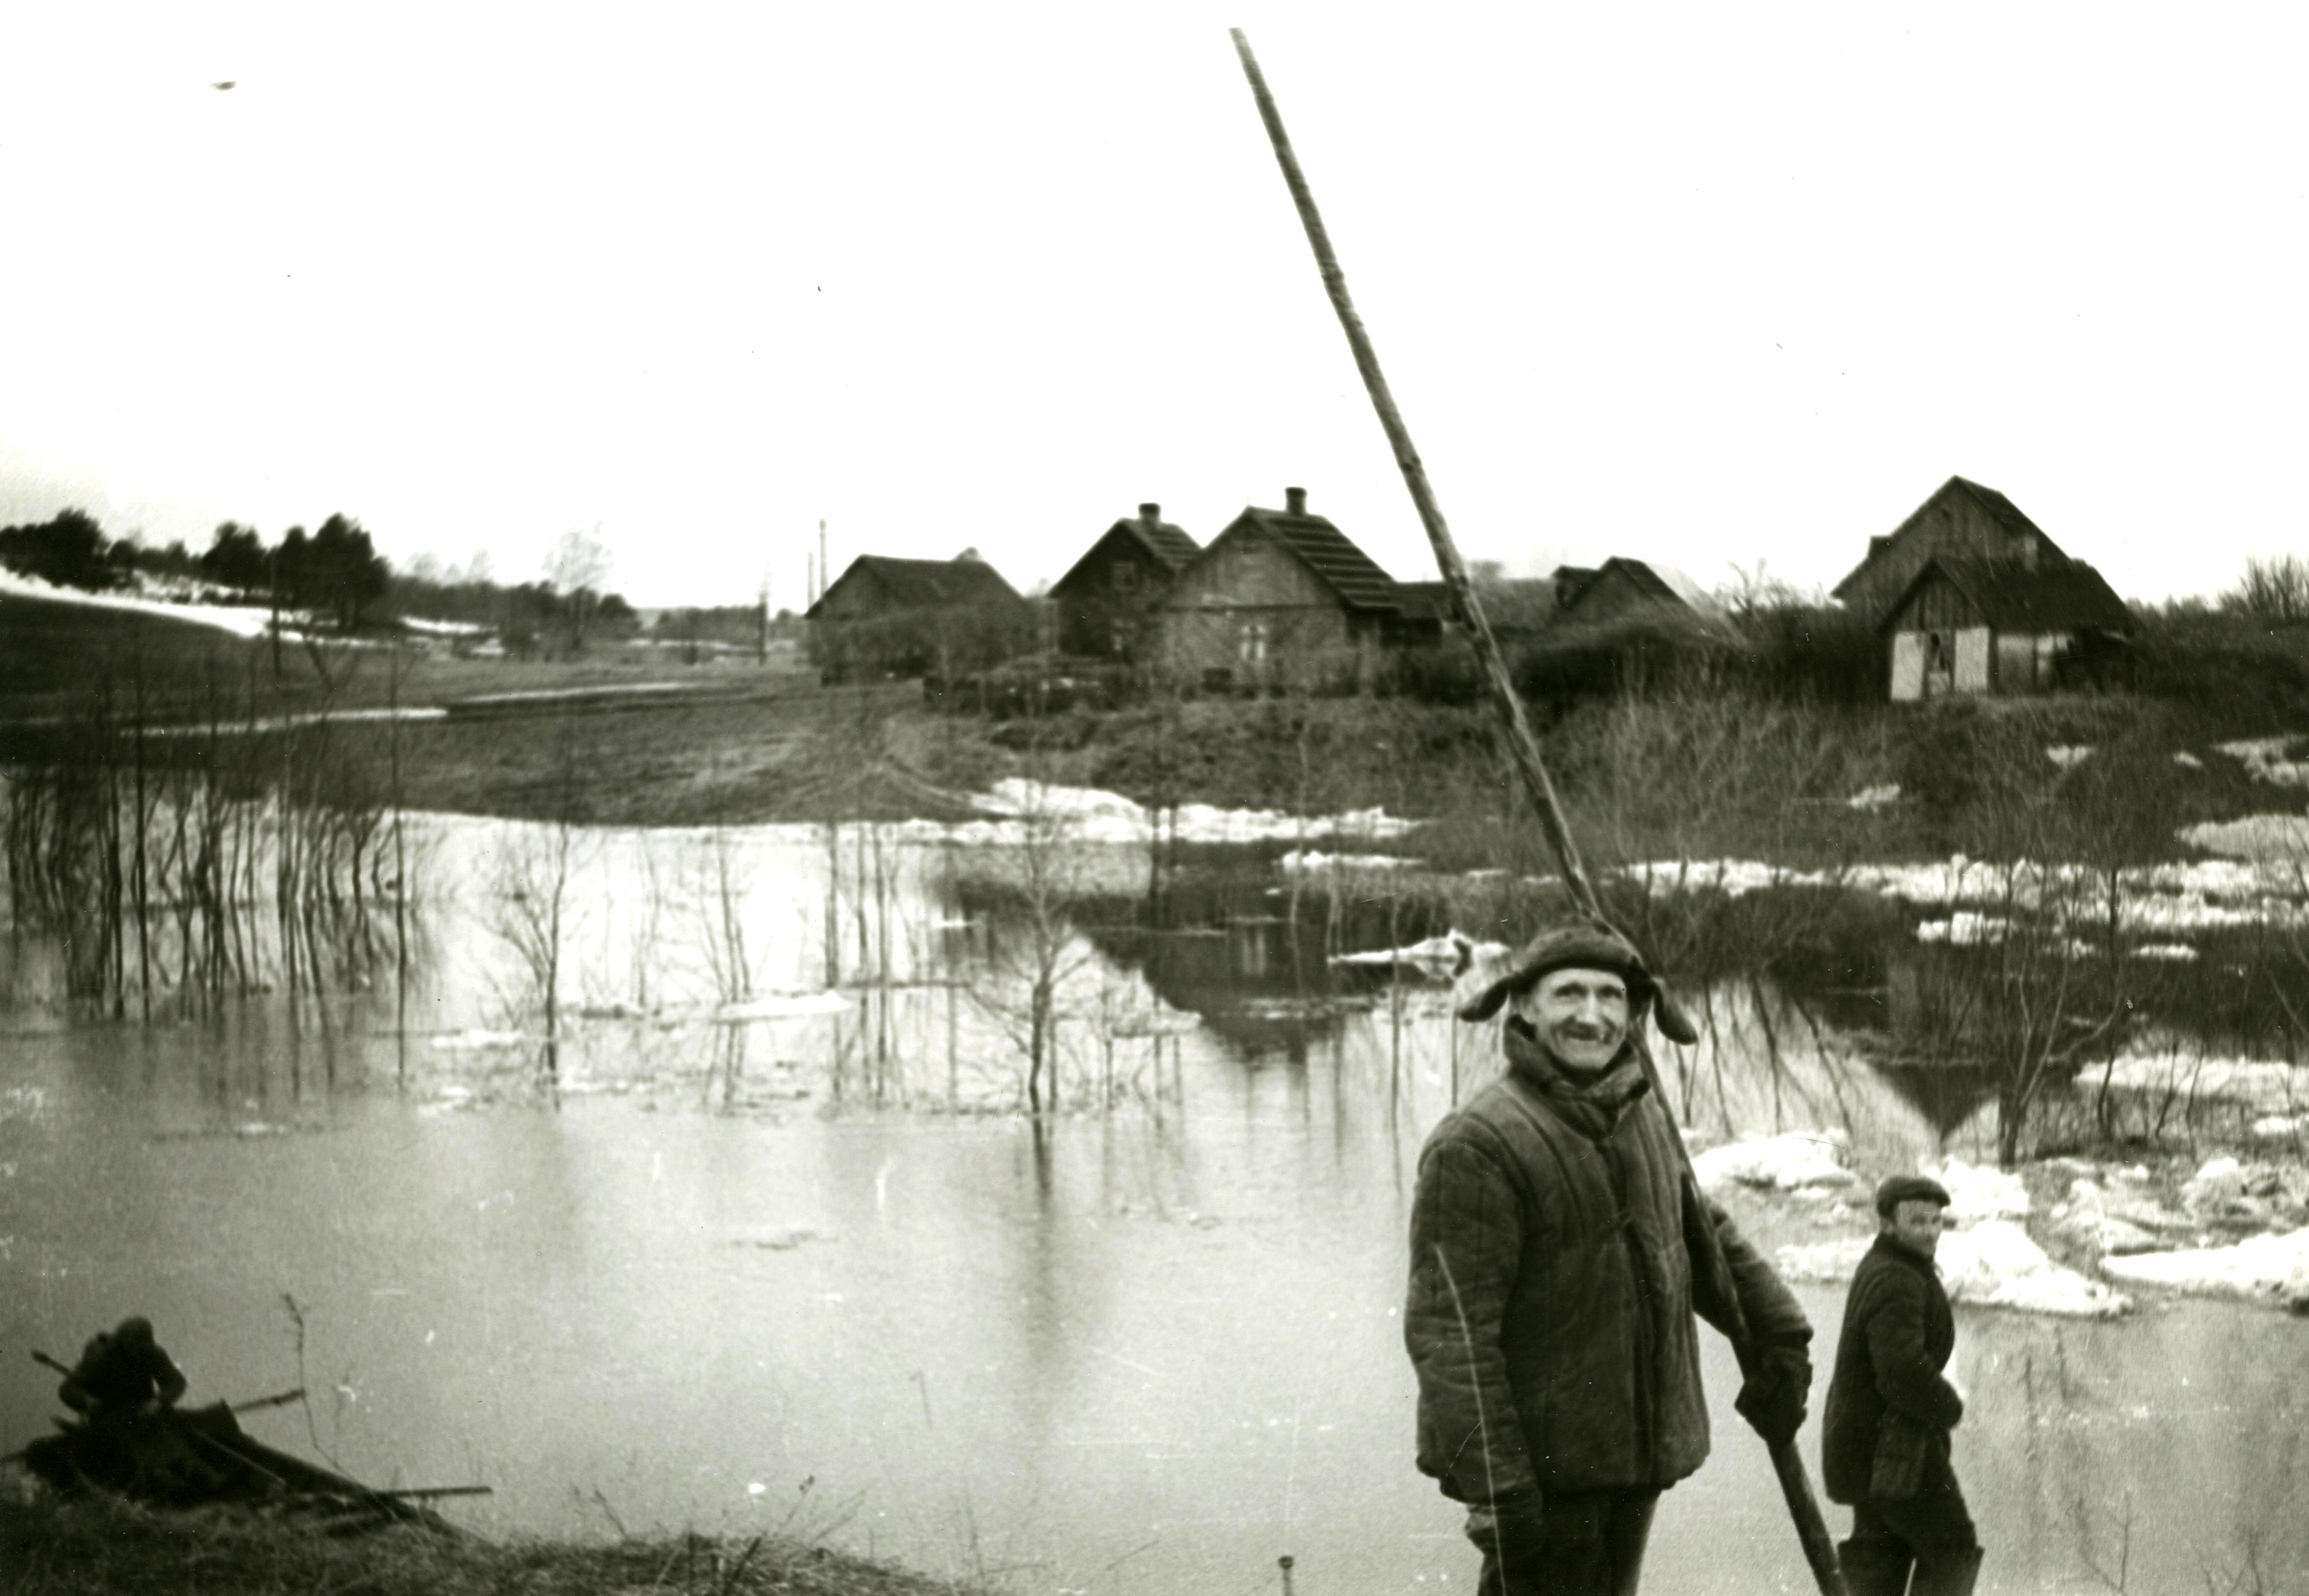 Skats no Pūķupes labā krasta uz mājām Pūķupes un Strautnieki. 20. gs. 60. gadi. Ķekavas novadpētniecības muzeja krājums.